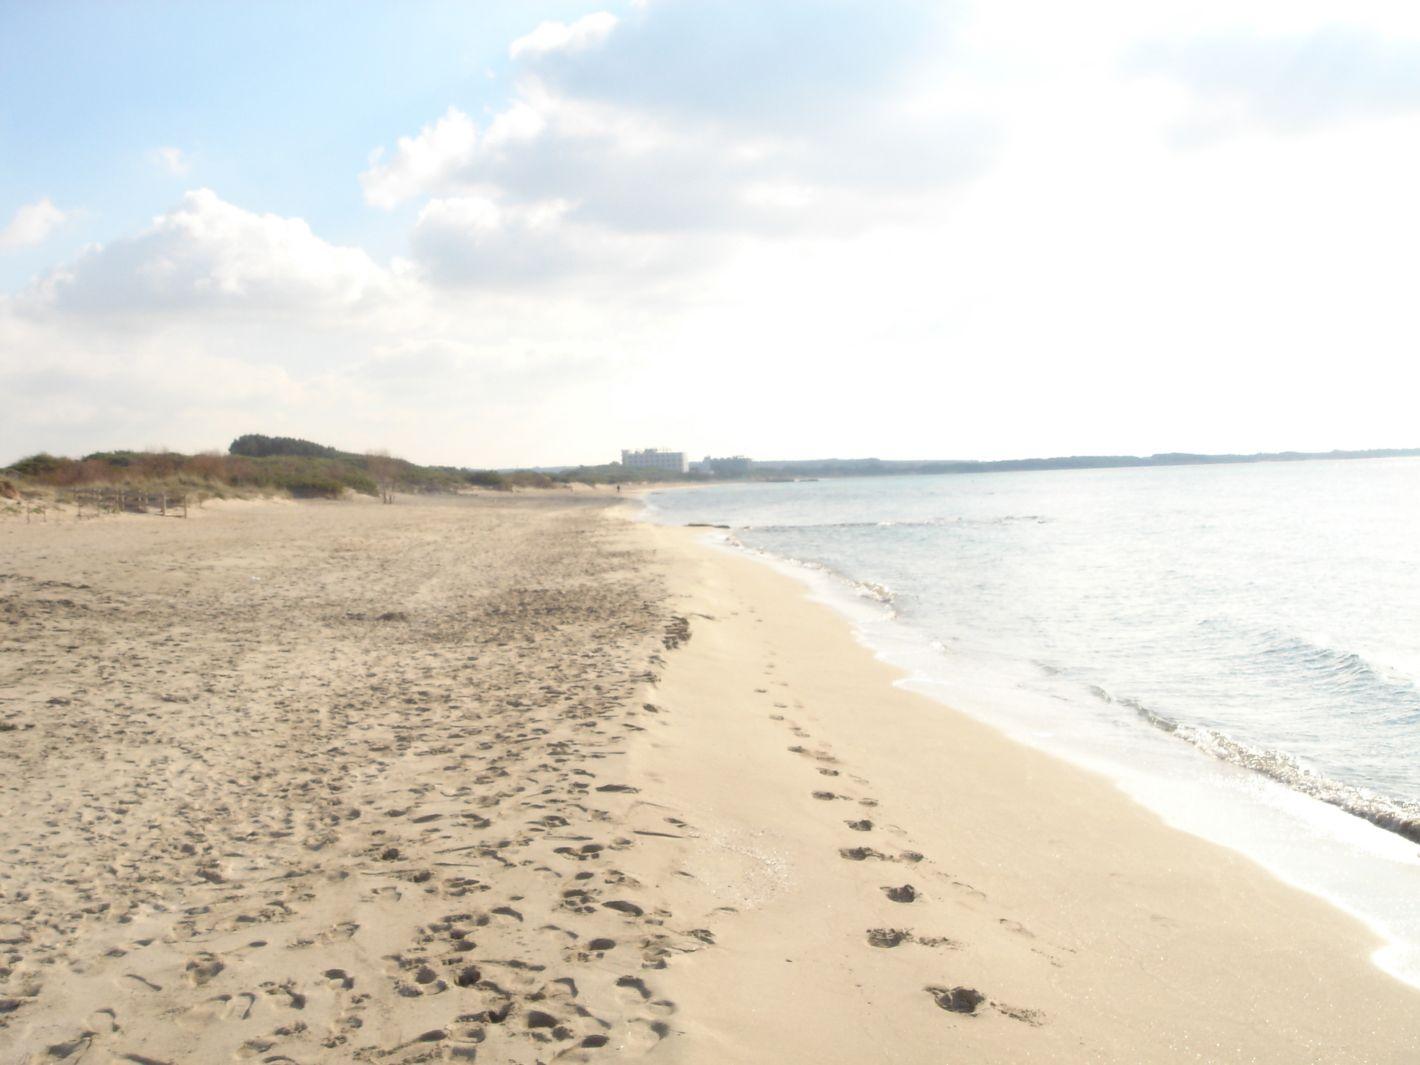 Spiaggia Baia Verde Gallipoli, Lecce